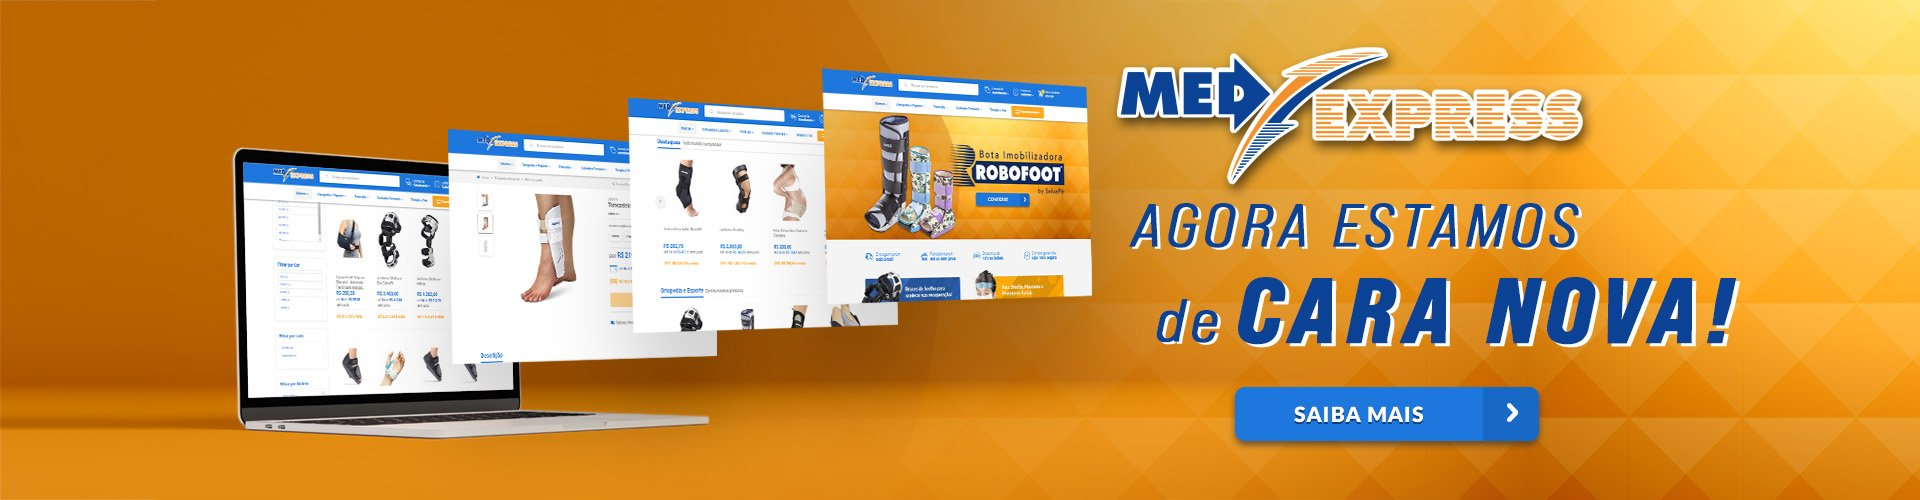 Banner Full Novo Site 02